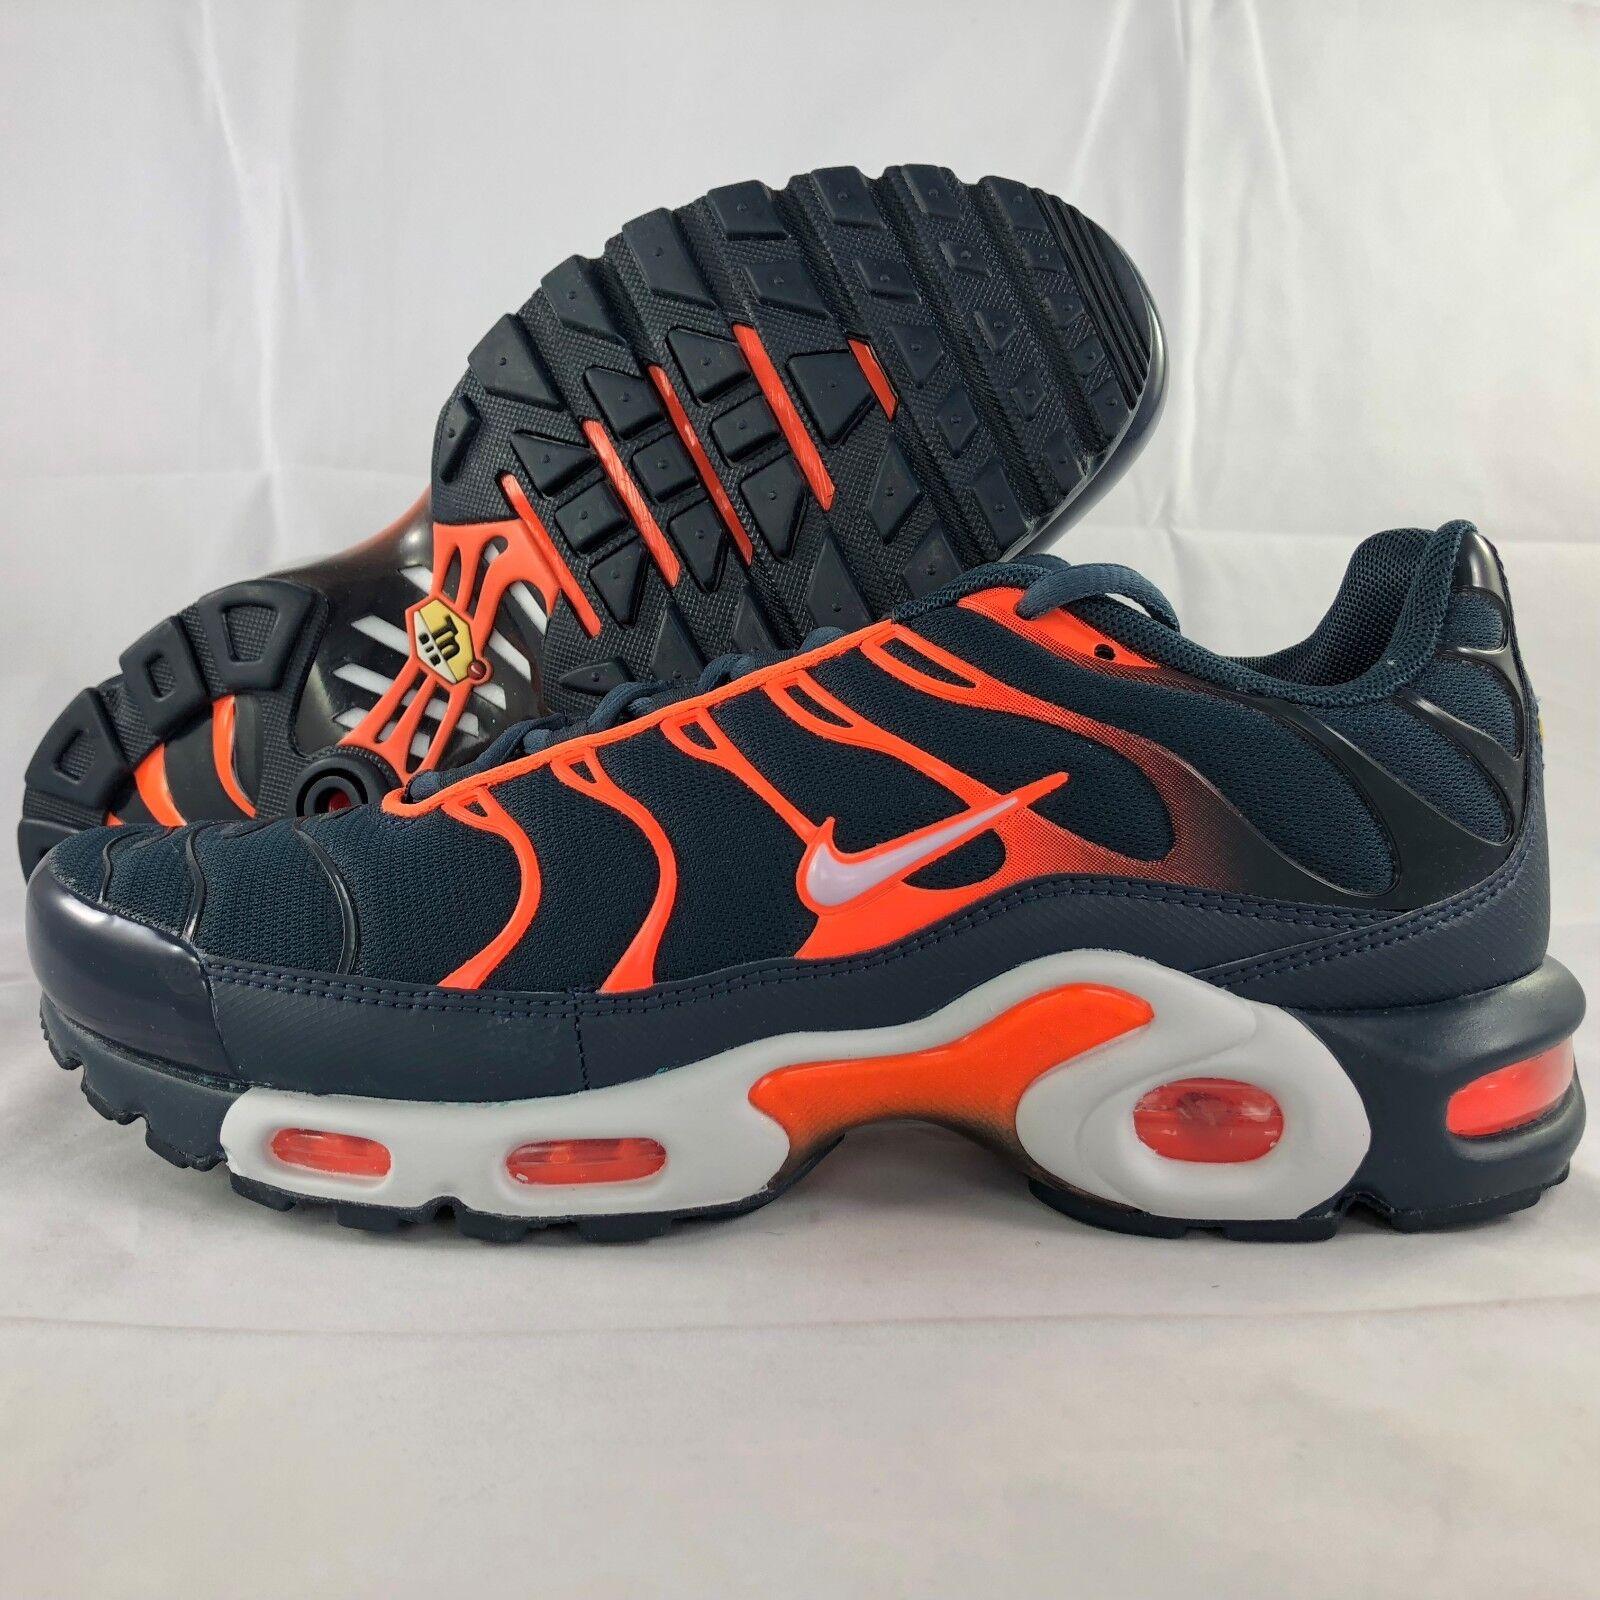 Nike Air Max Plus Navy bluee Pure Platinum orange White 852630-403 Men's 7.5-13